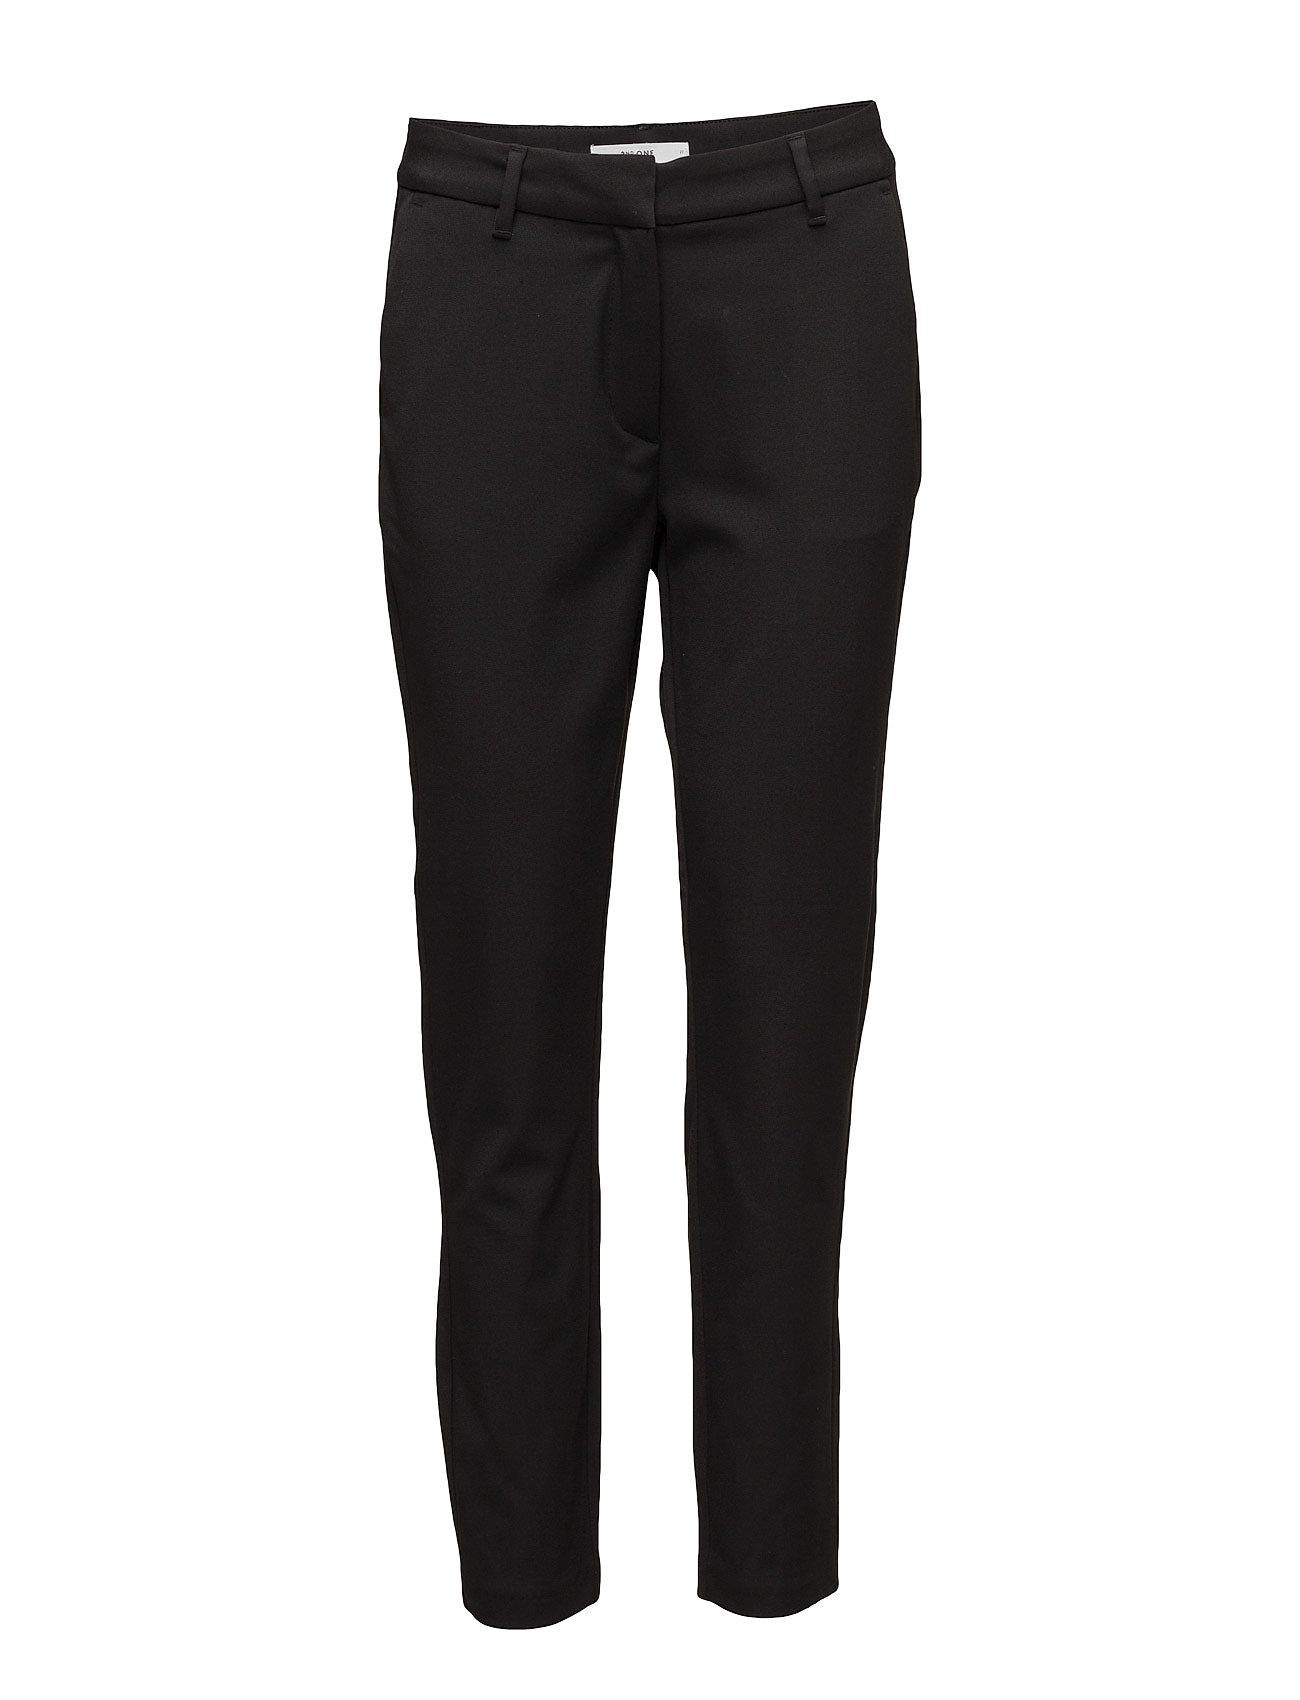 Carine 111 Black, Pants 2nd One Bukser til Damer i Sort